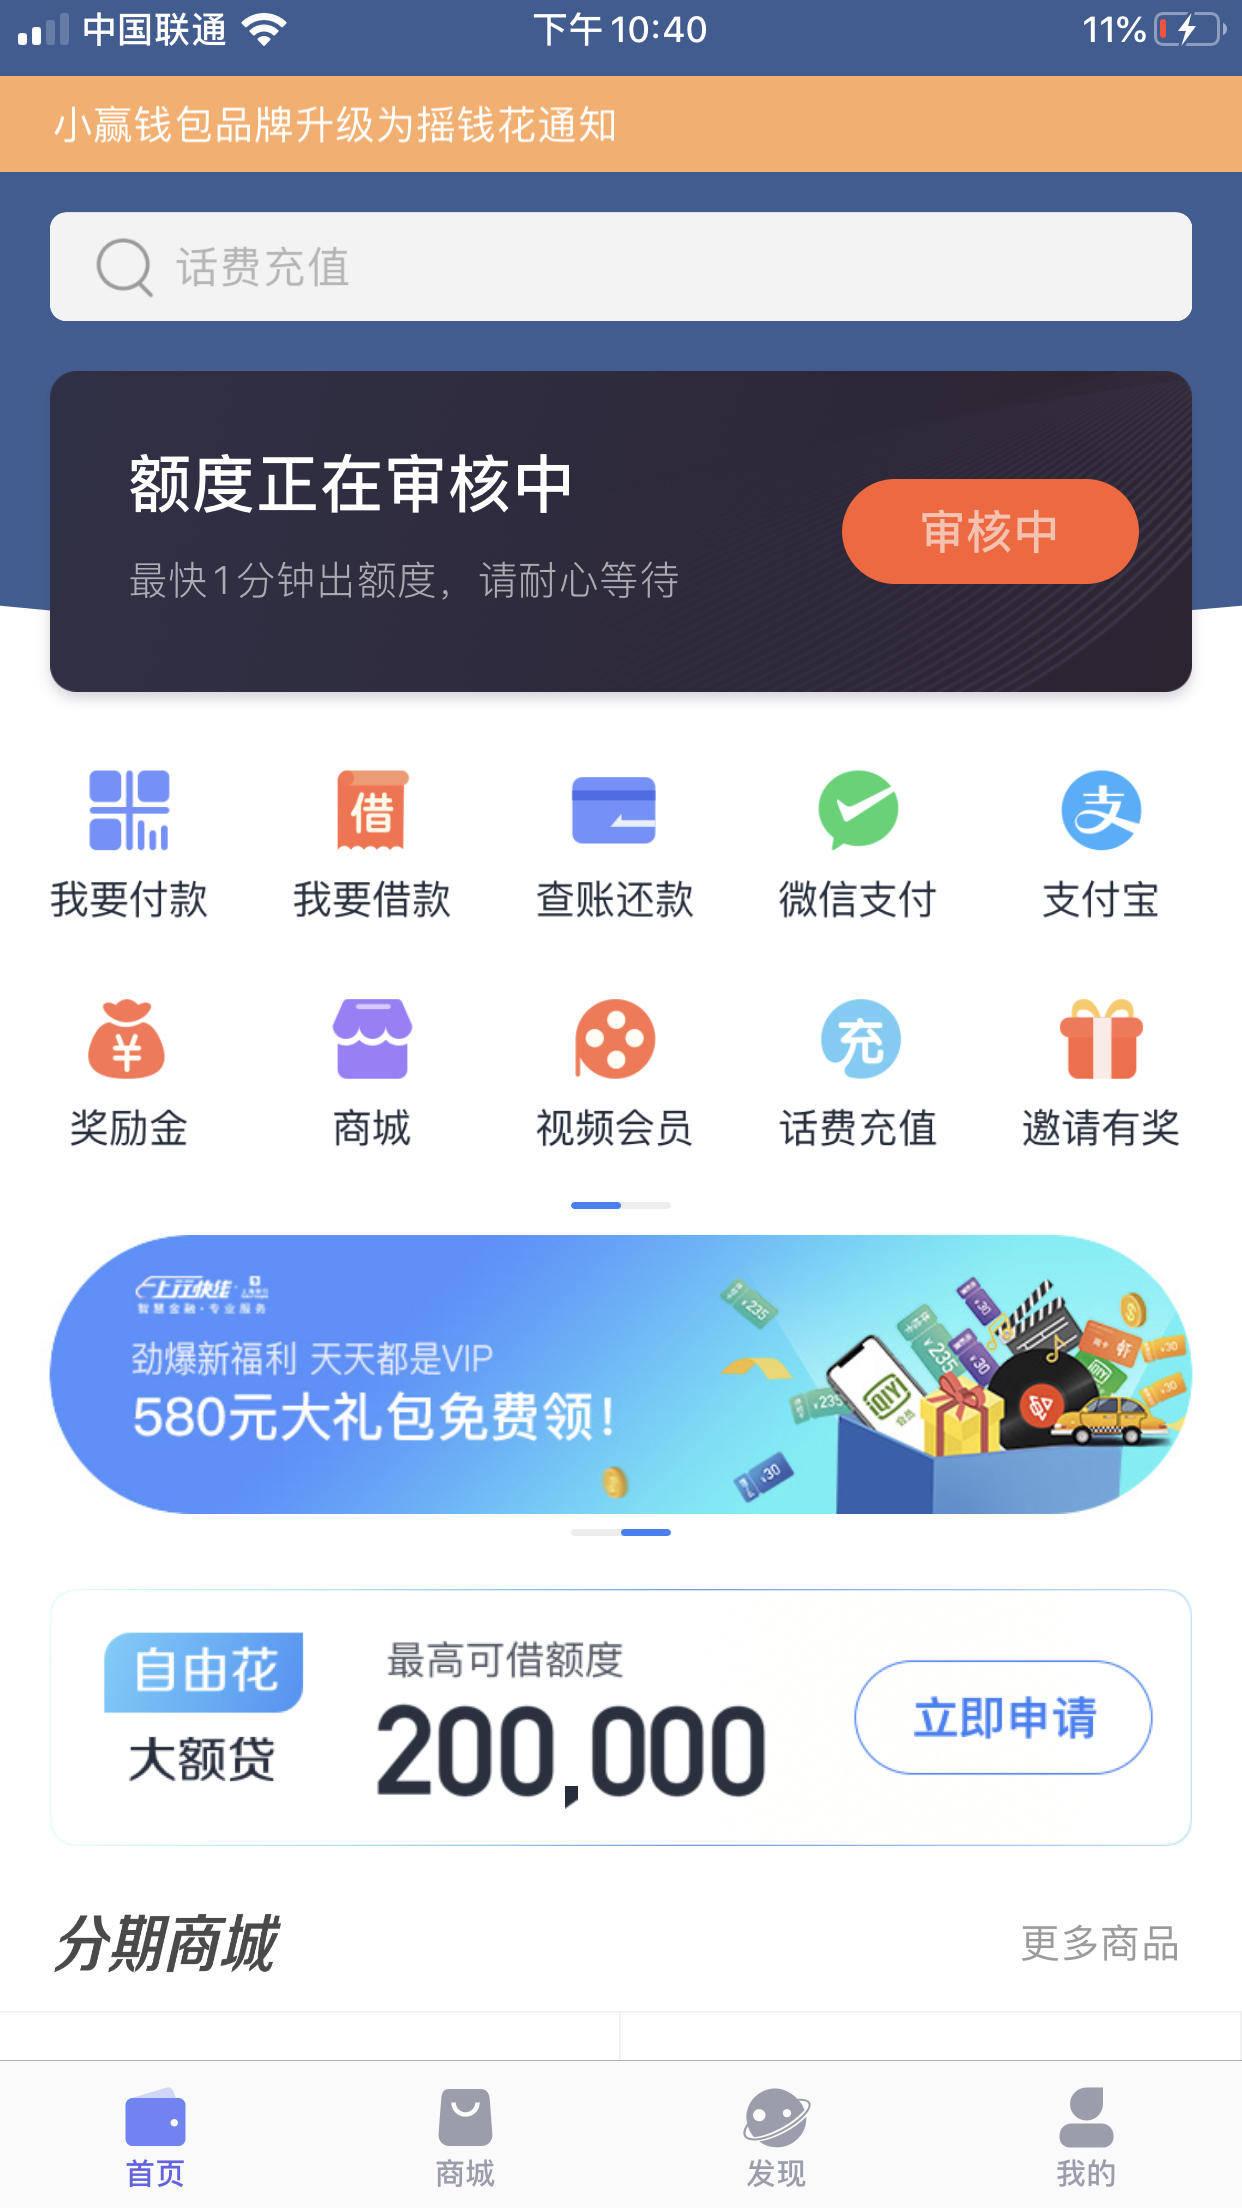 小赢钱包摇钱花上海银行虚拟信用卡,最高额度50000元